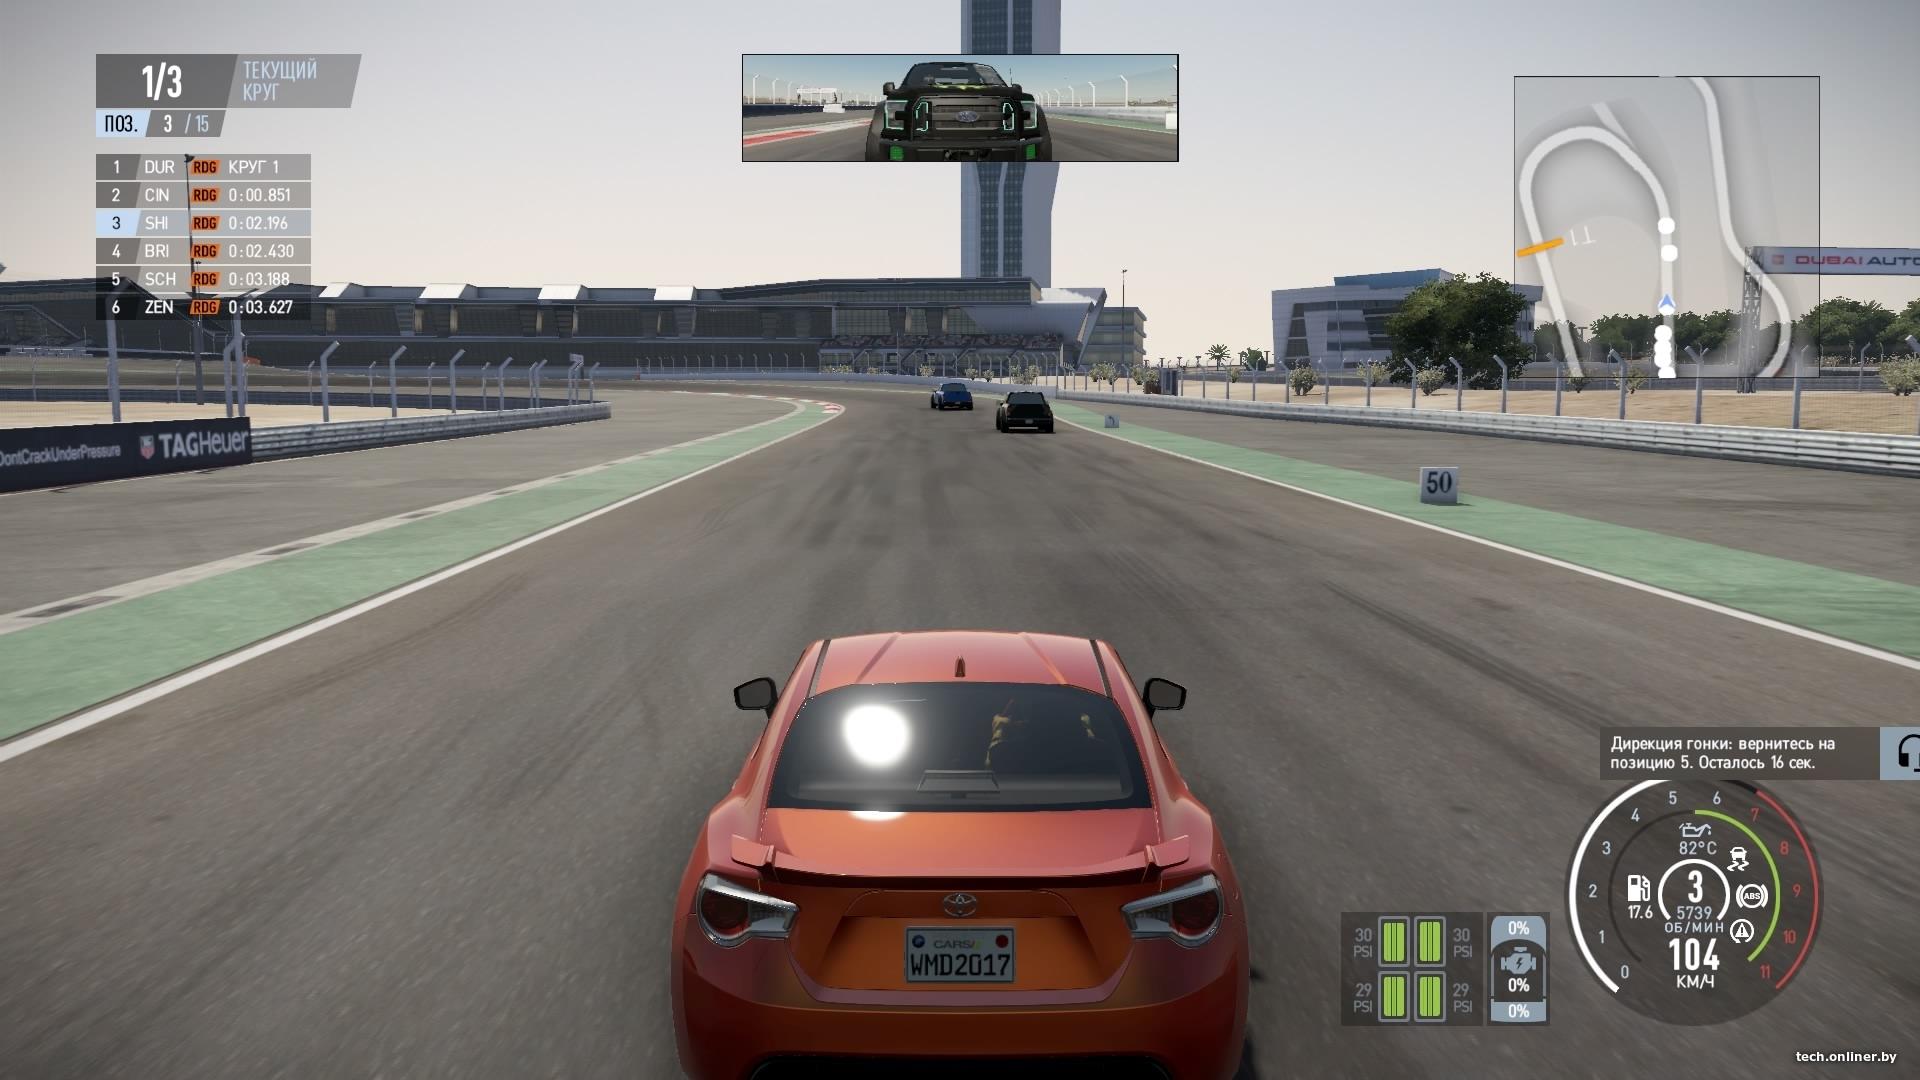 Гонки на автосимулятор онлайн тачки гонки играть онлайн бесплатно без регистрации гонки